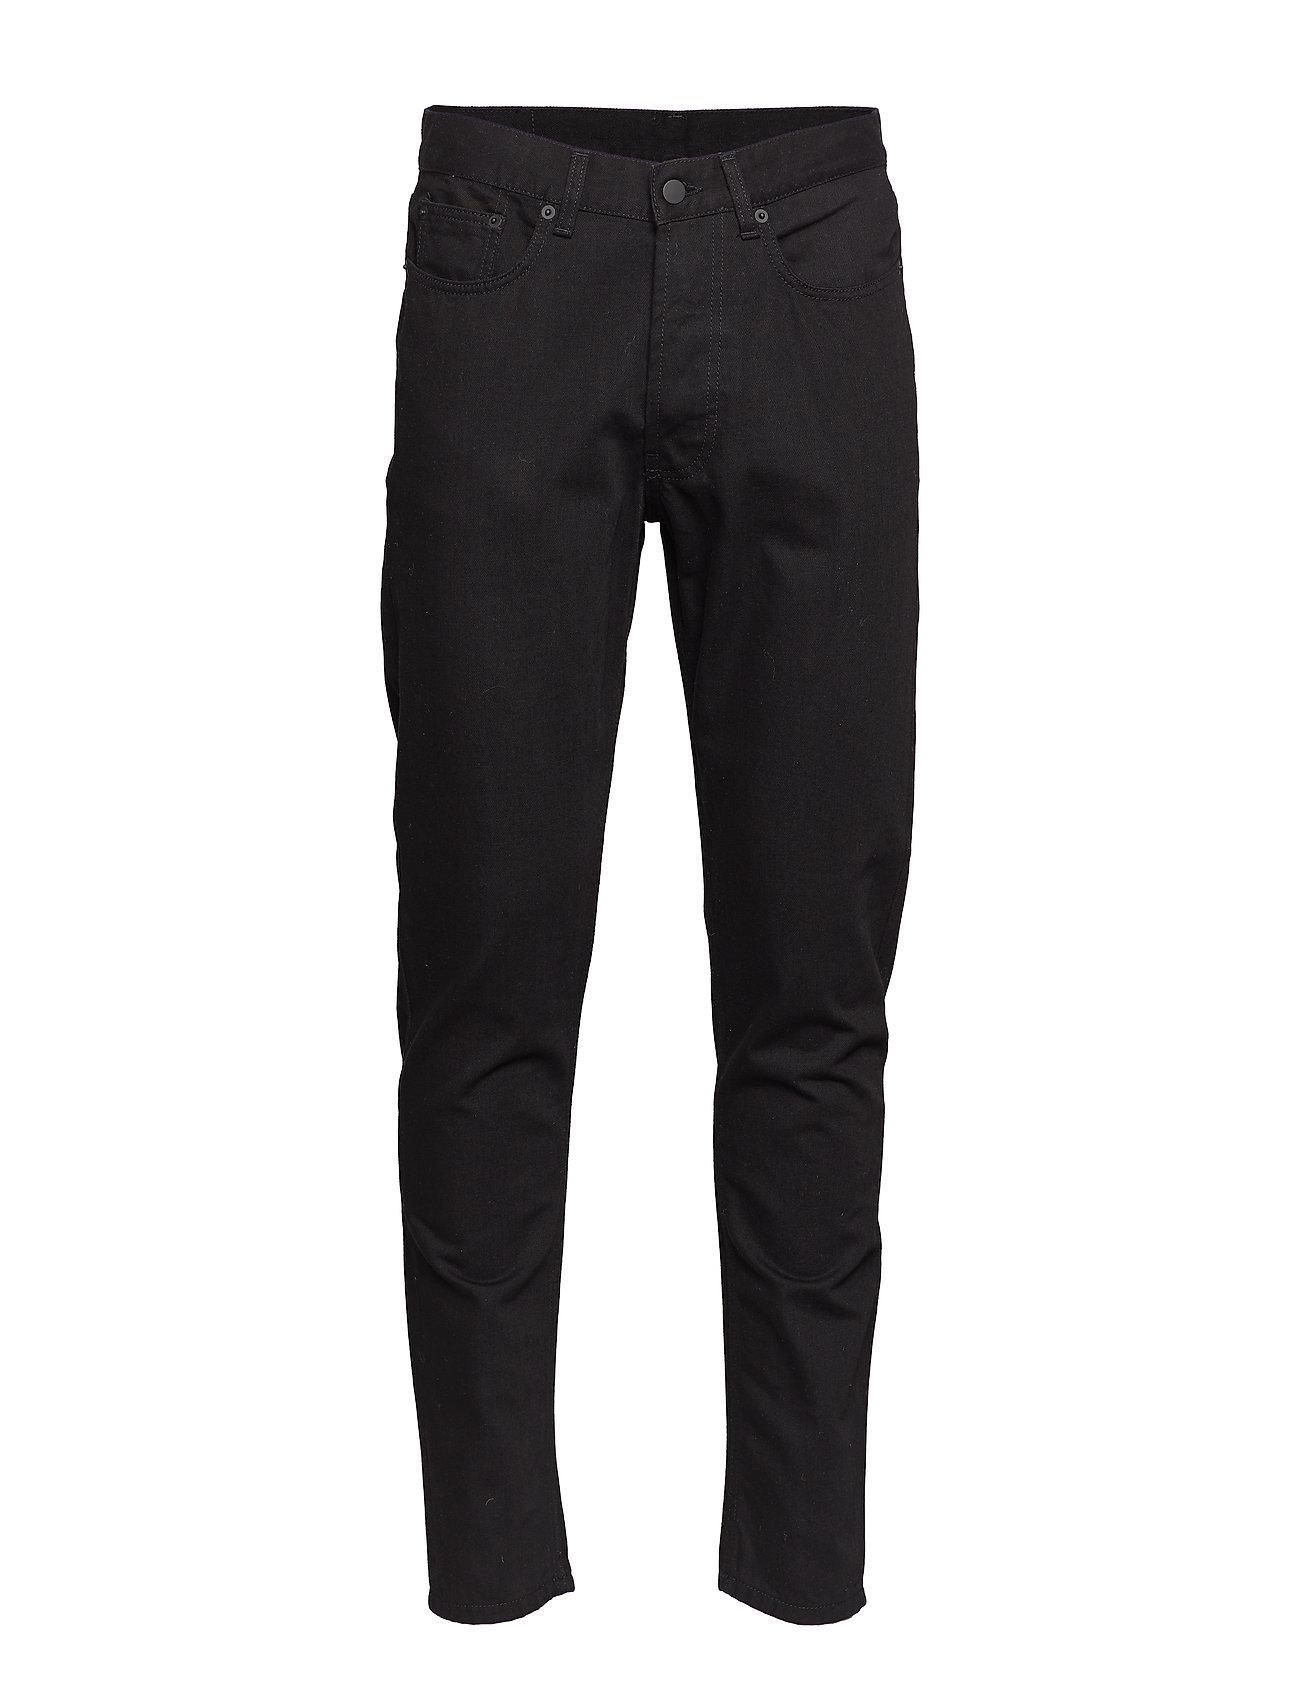 HOLZWEILER CONRAD Jeans AW18 - BLACK